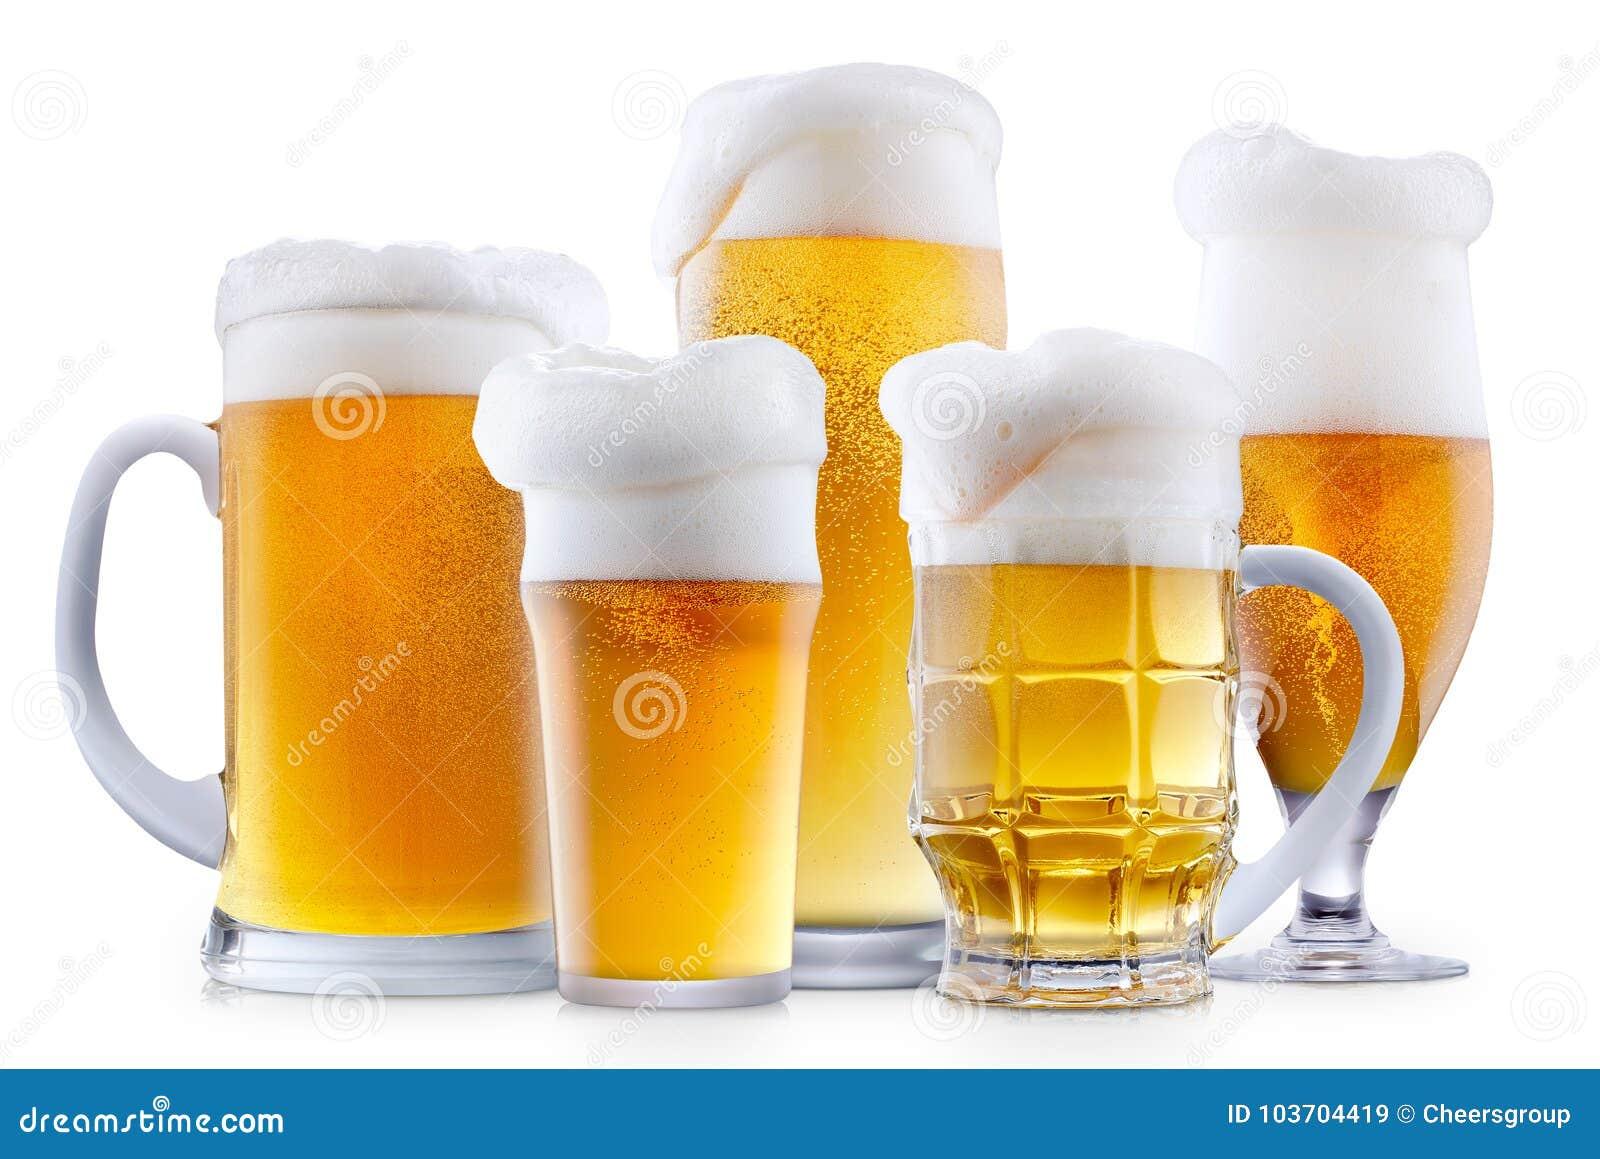 Mok ijzig bier met schuim